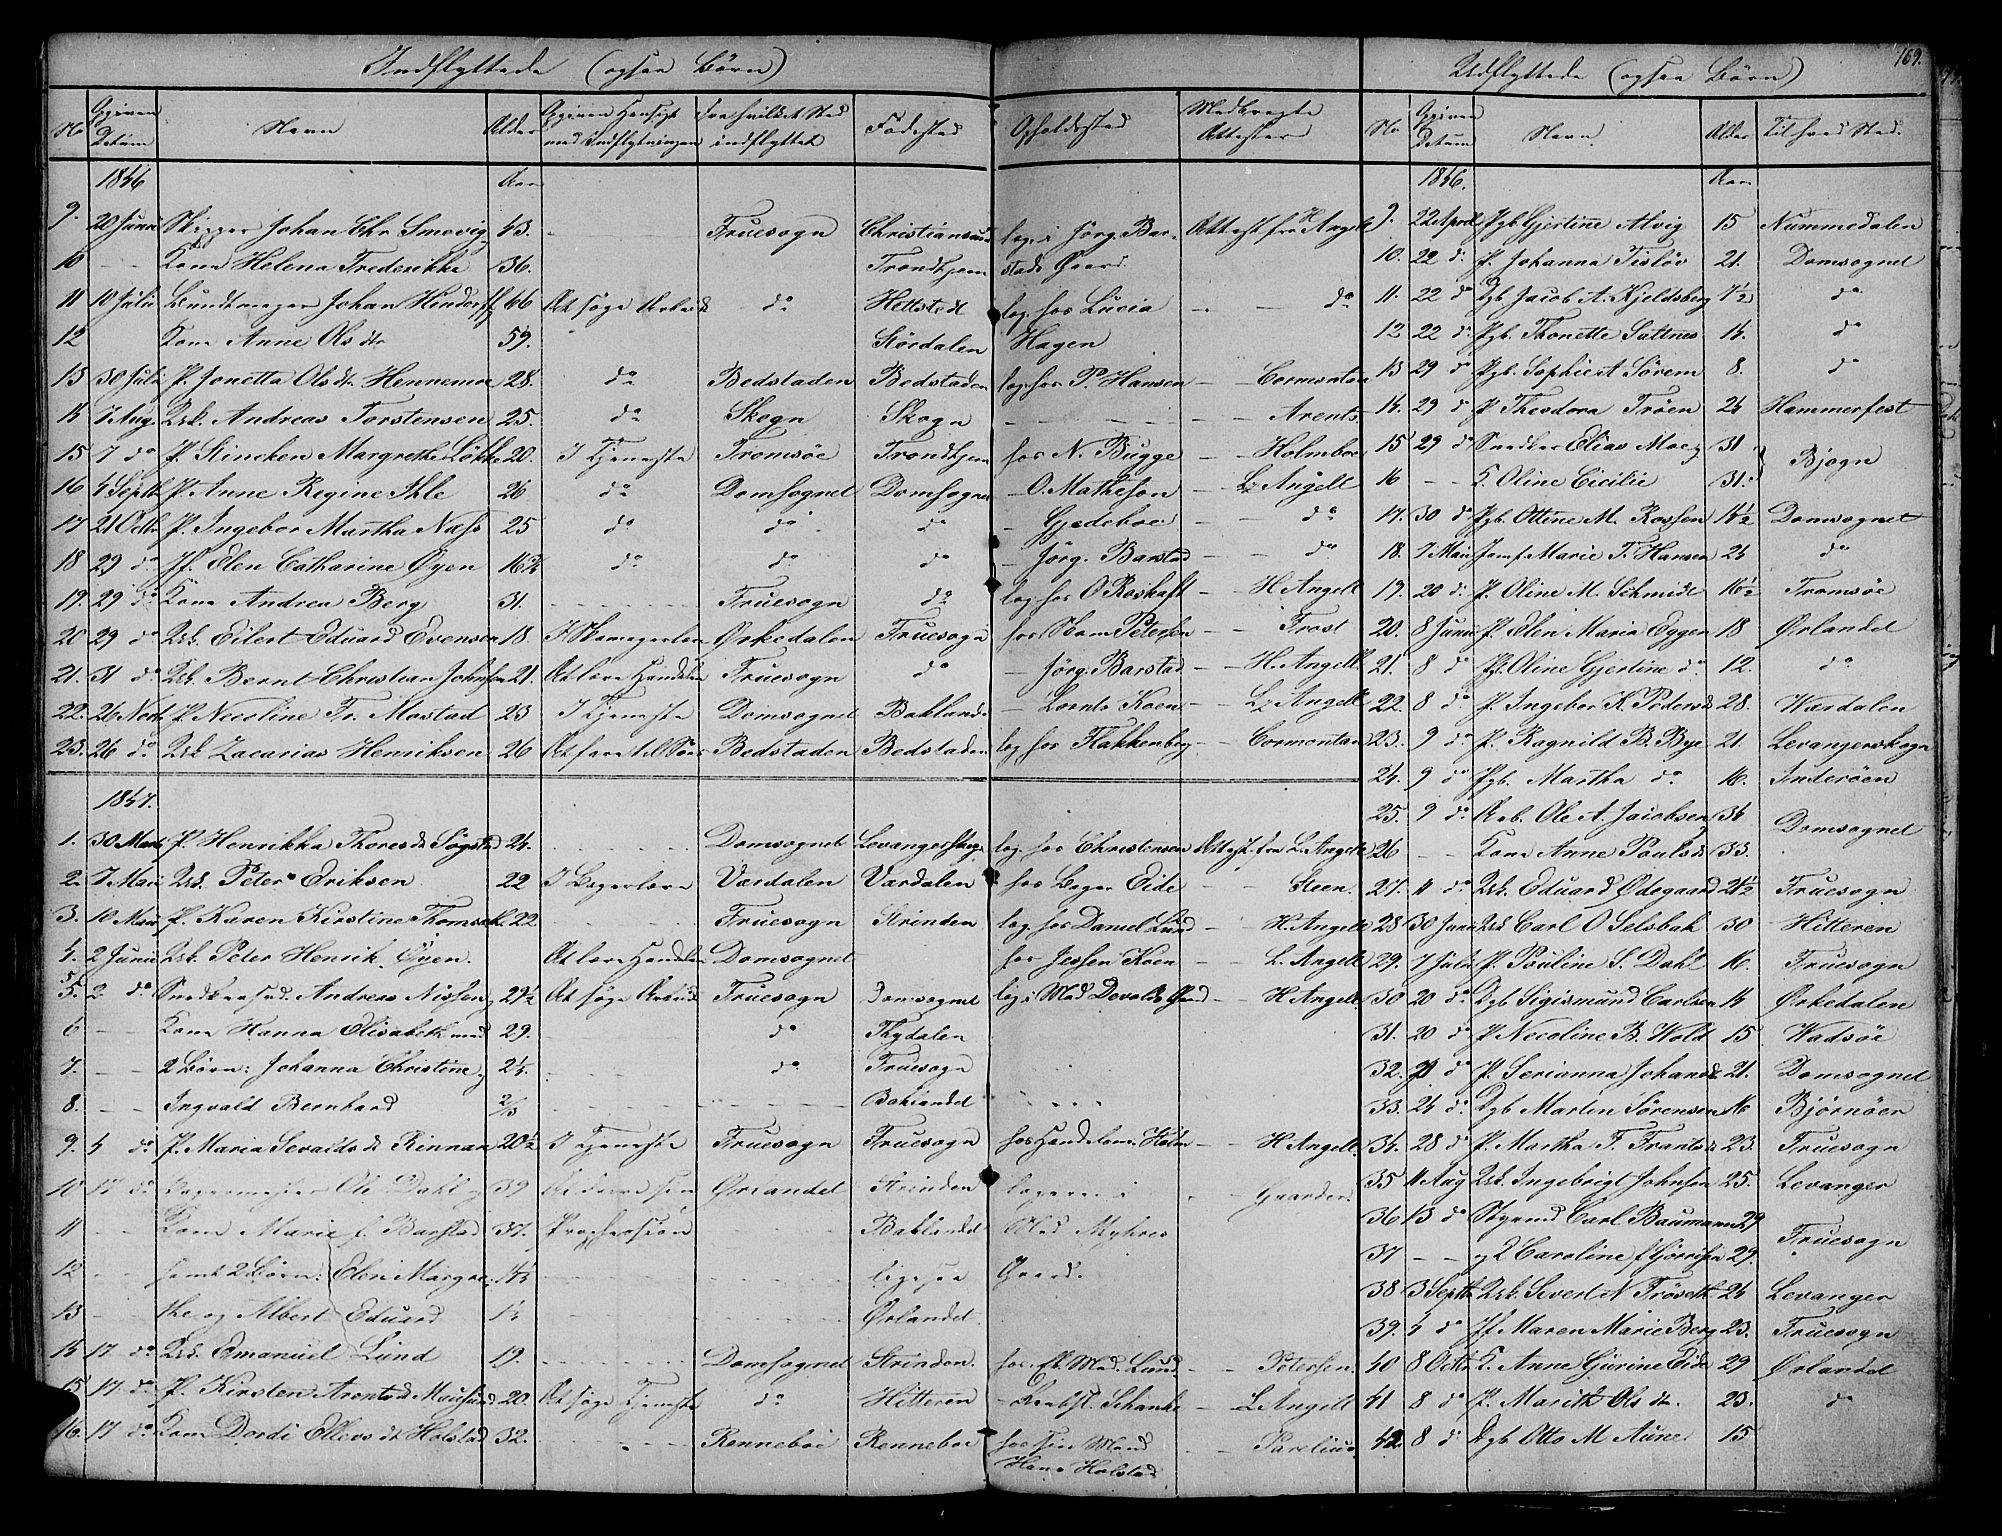 SAT, Ministerialprotokoller, klokkerbøker og fødselsregistre - Sør-Trøndelag, 604/L0182: Ministerialbok nr. 604A03, 1818-1850, s. 169